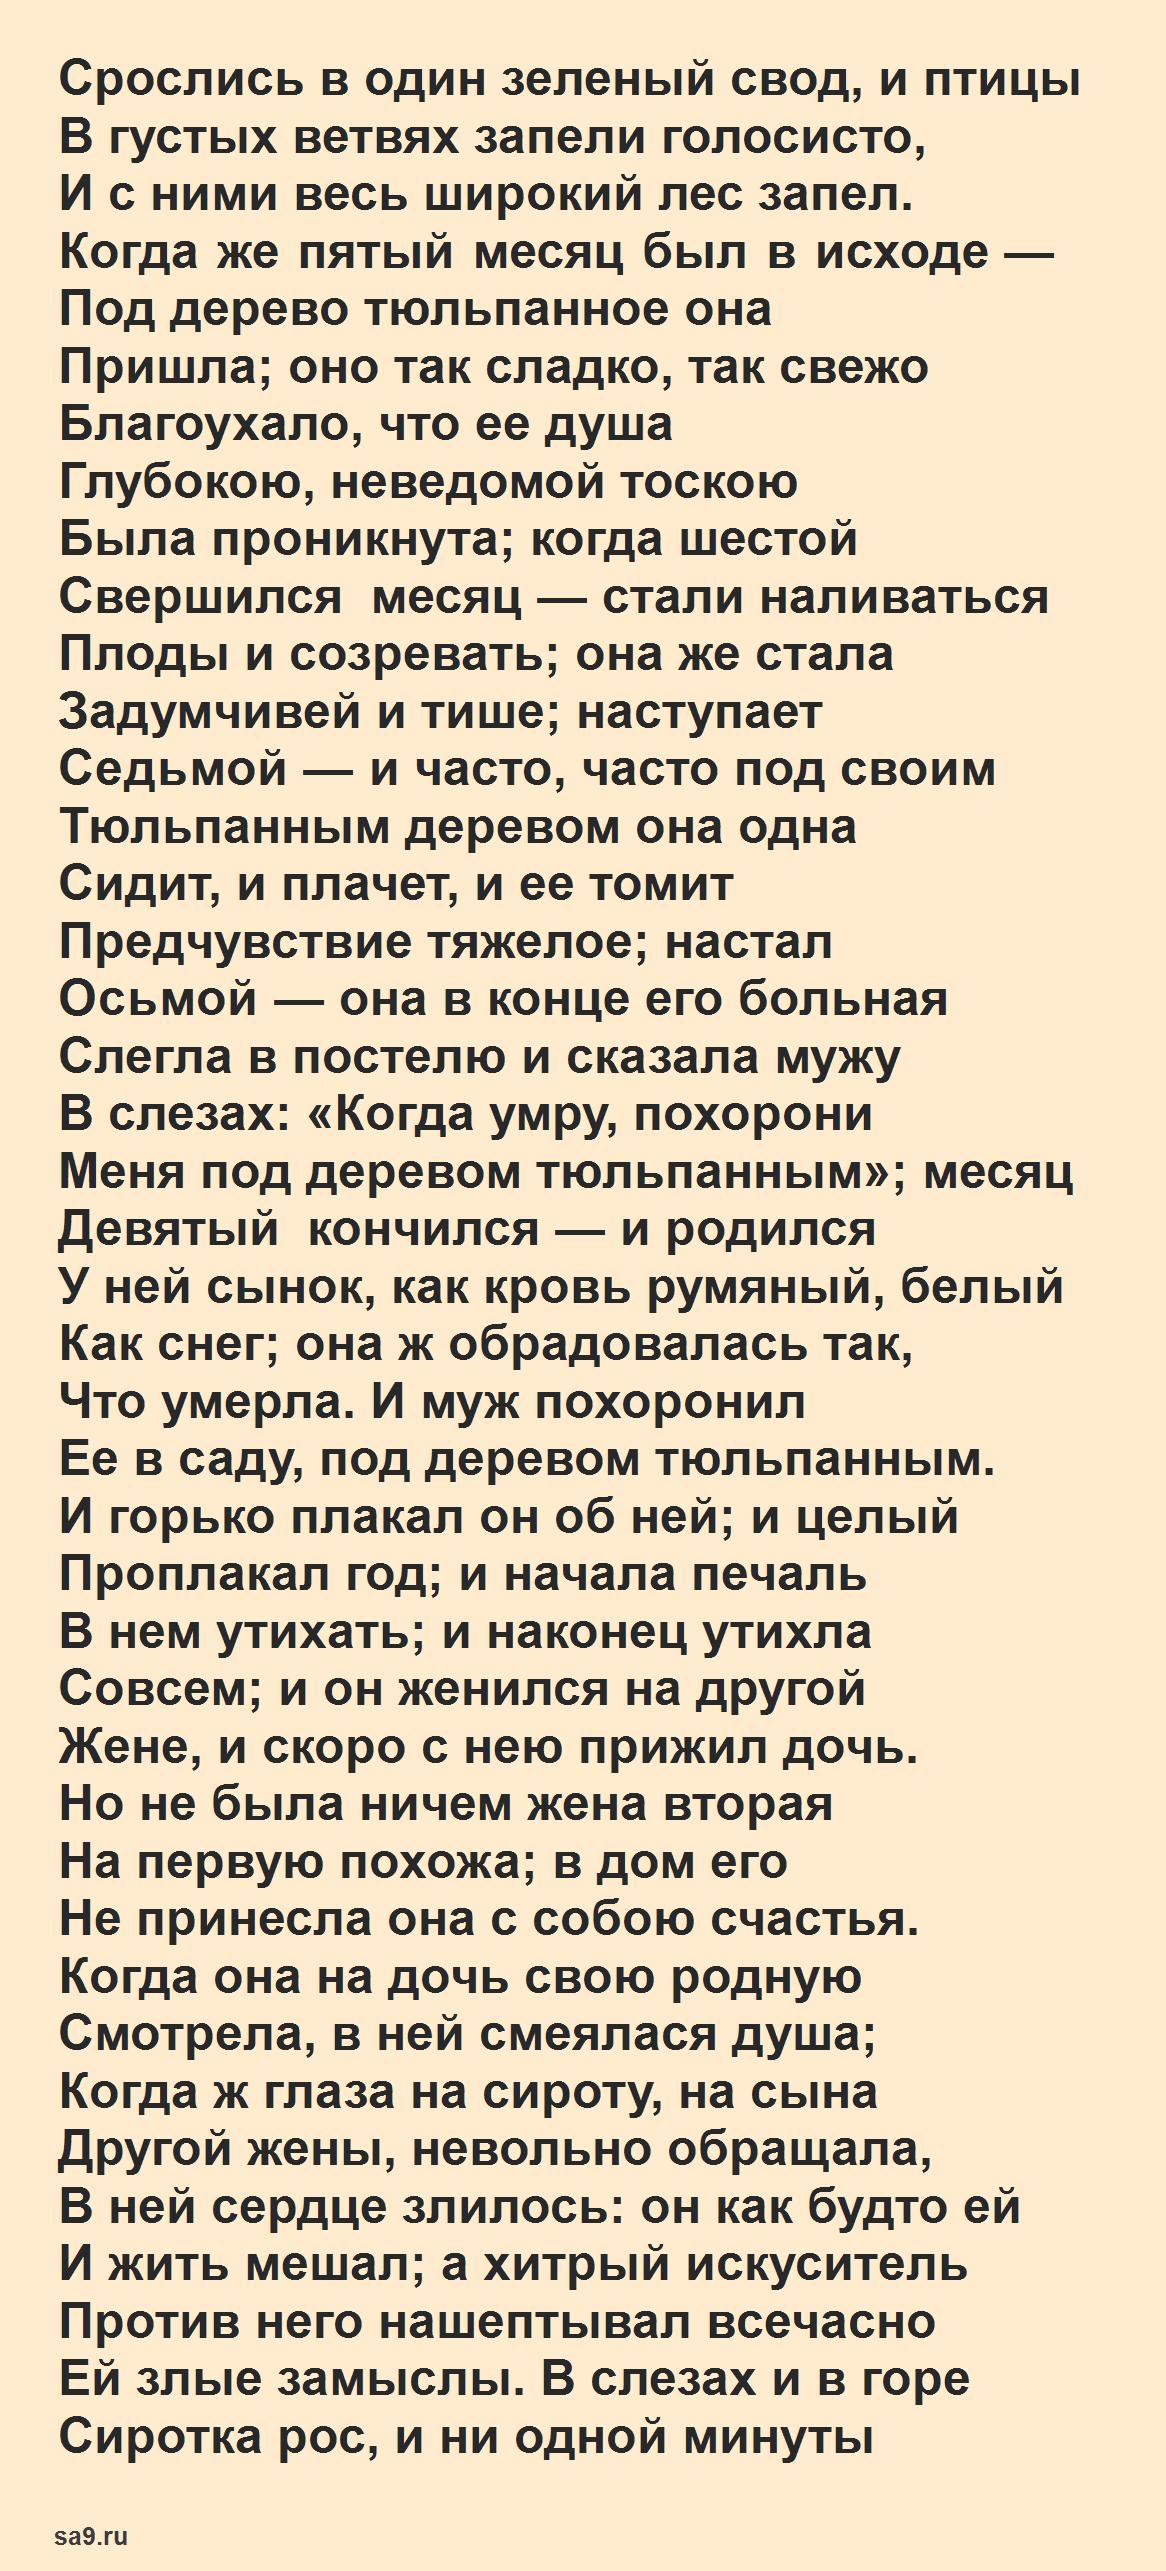 Жуковский сказка - Тюльпанное дерево